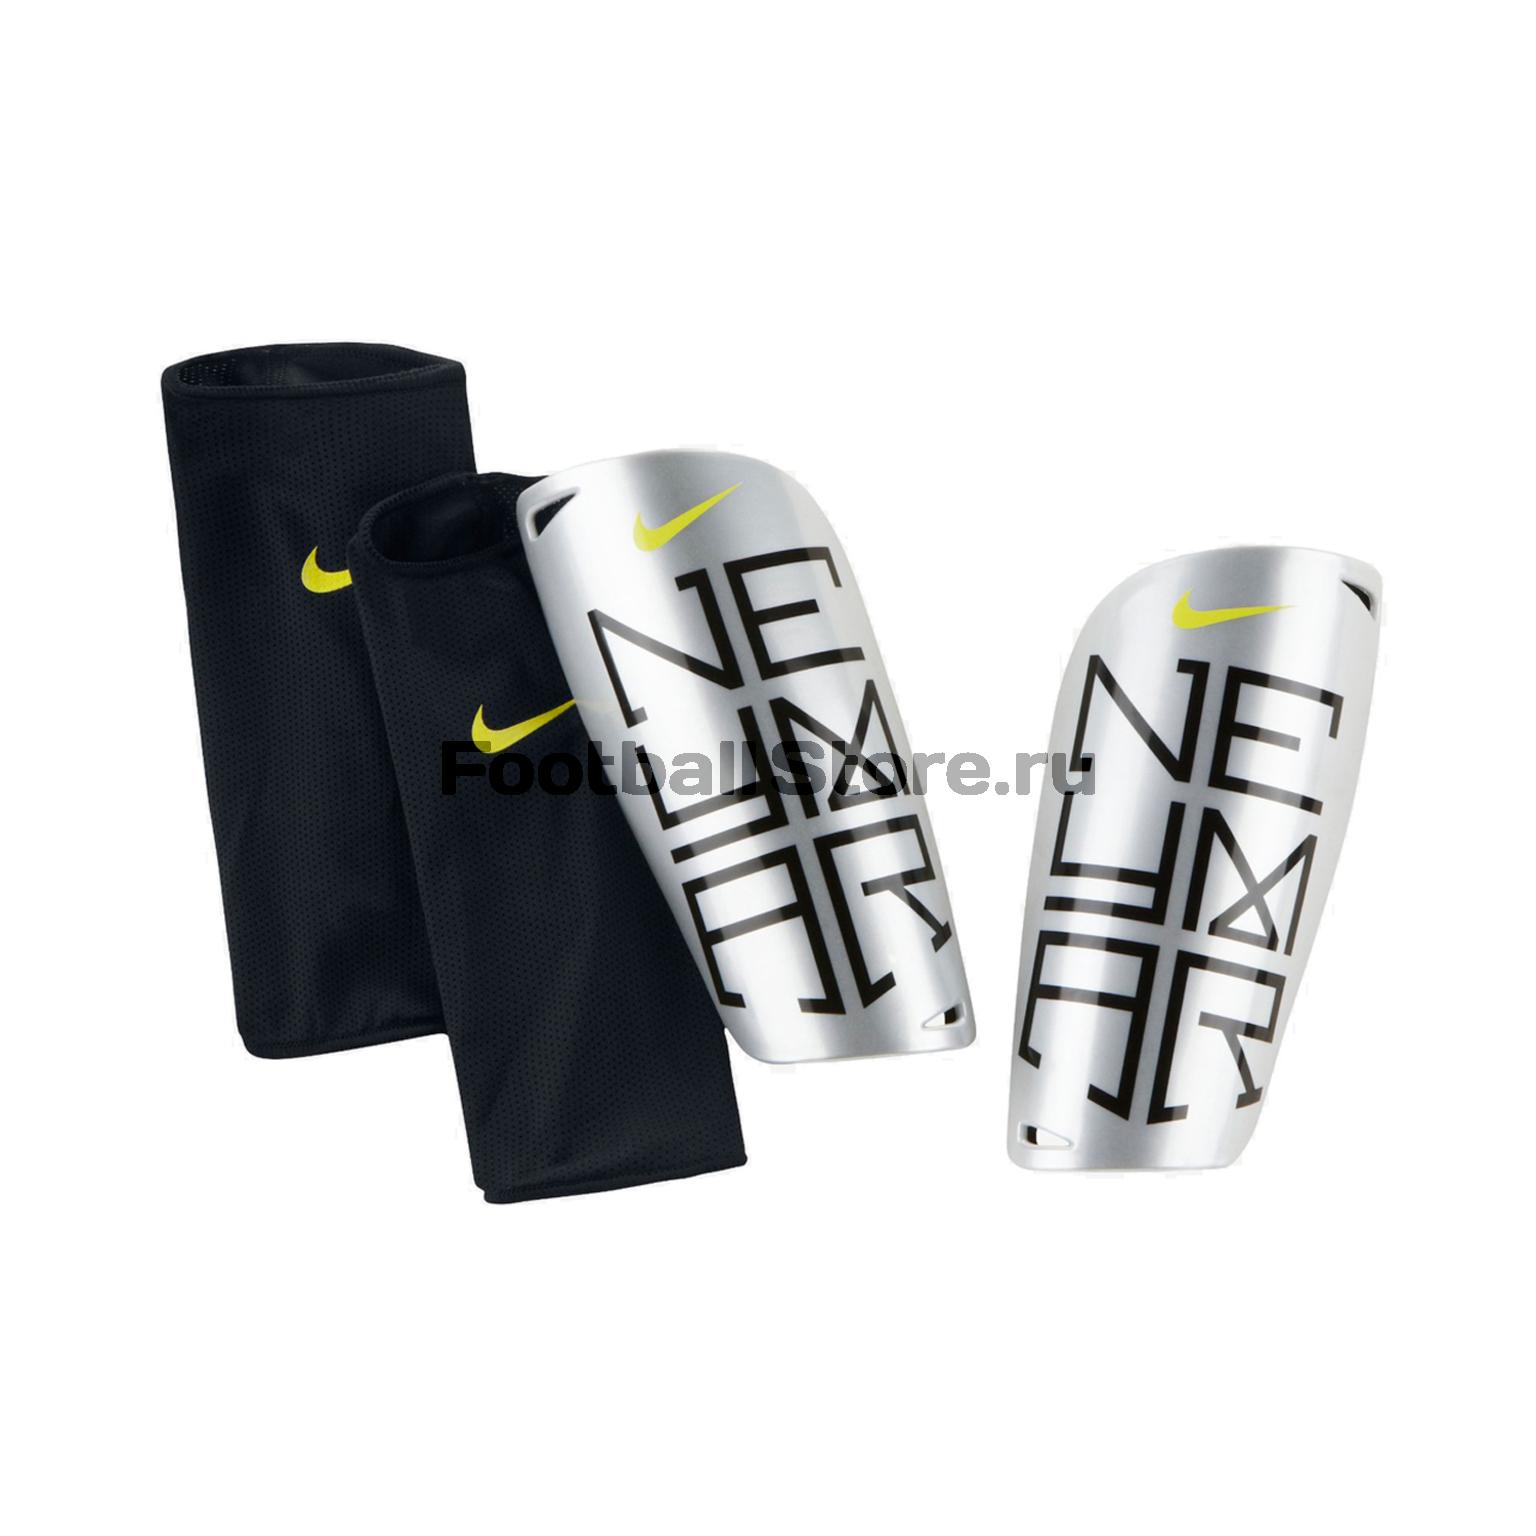 0667953e ... Щитки футбольные Nike Neymar Mercurial Lite SP0288-070. О ТОВАРЕ;  РАСЧЕТ ДОСТАВКИ